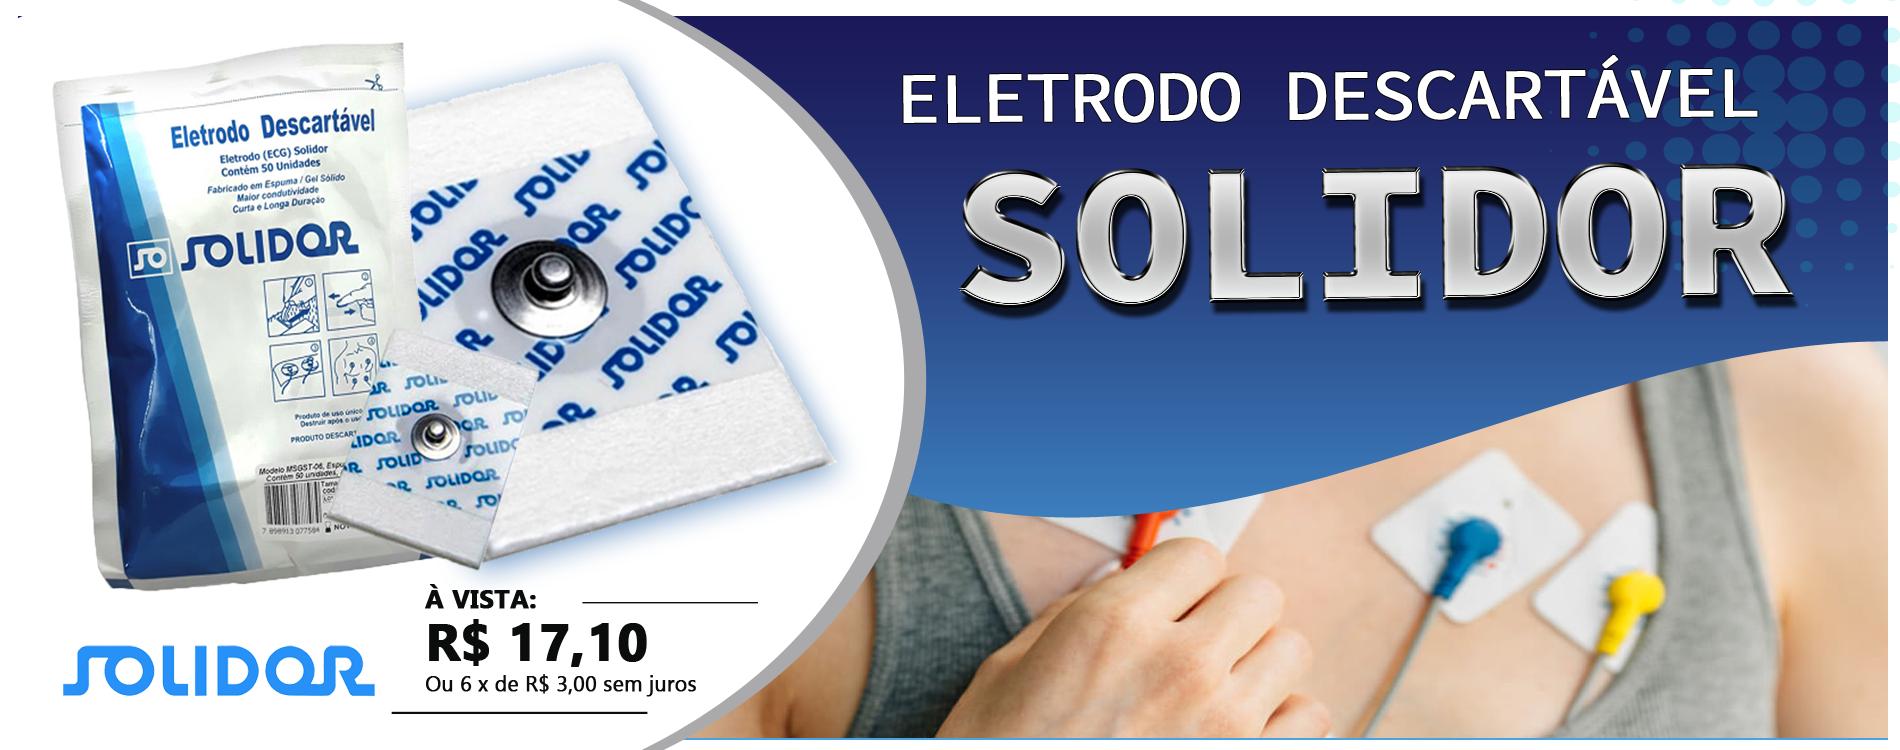 Eletrodo Solidor